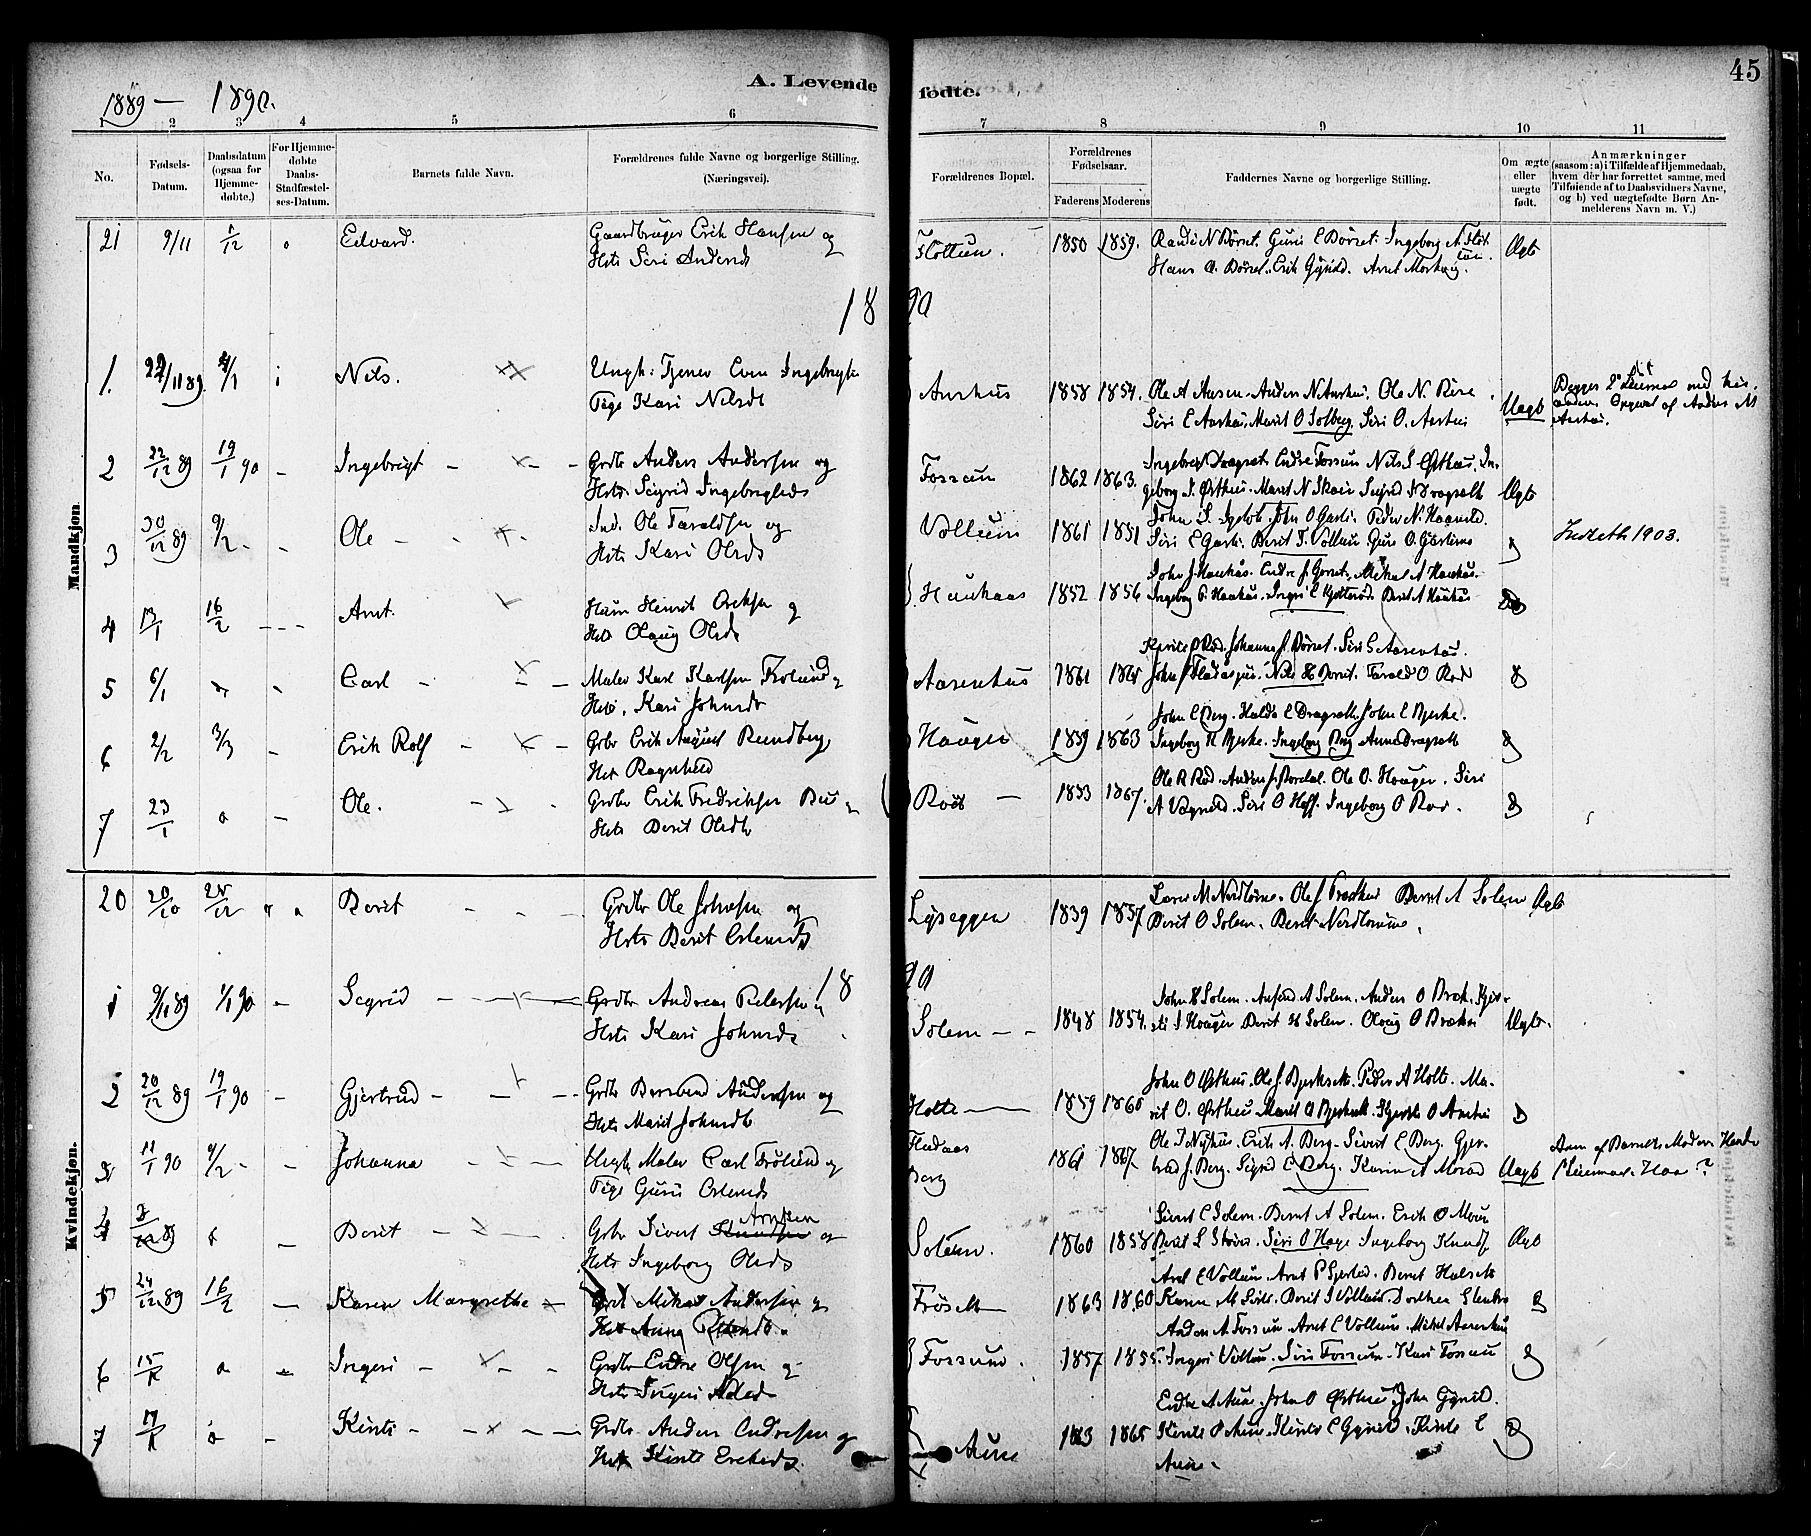 SAT, Ministerialprotokoller, klokkerbøker og fødselsregistre - Sør-Trøndelag, 689/L1040: Ministerialbok nr. 689A05, 1878-1890, s. 45